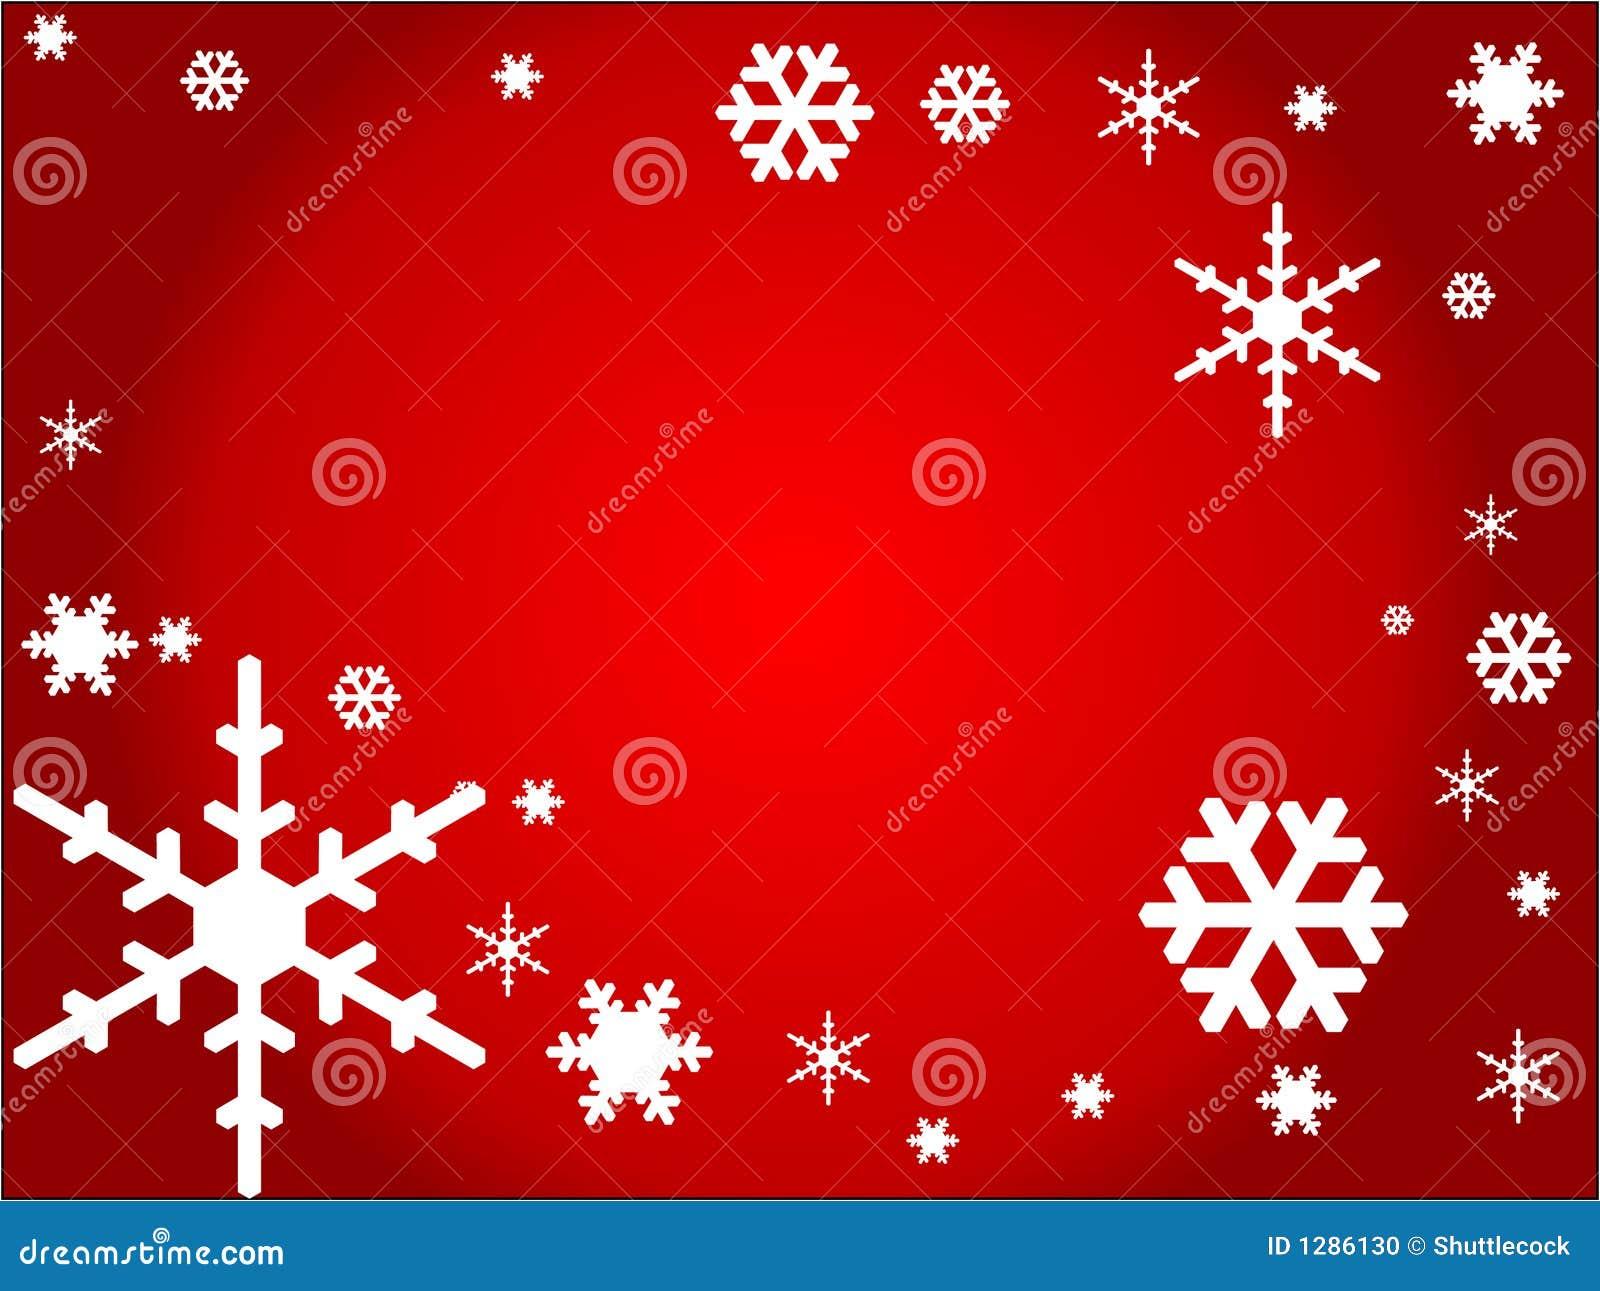 Het thema van kerstmis voor achtergrondgebruik vector versie in mijn